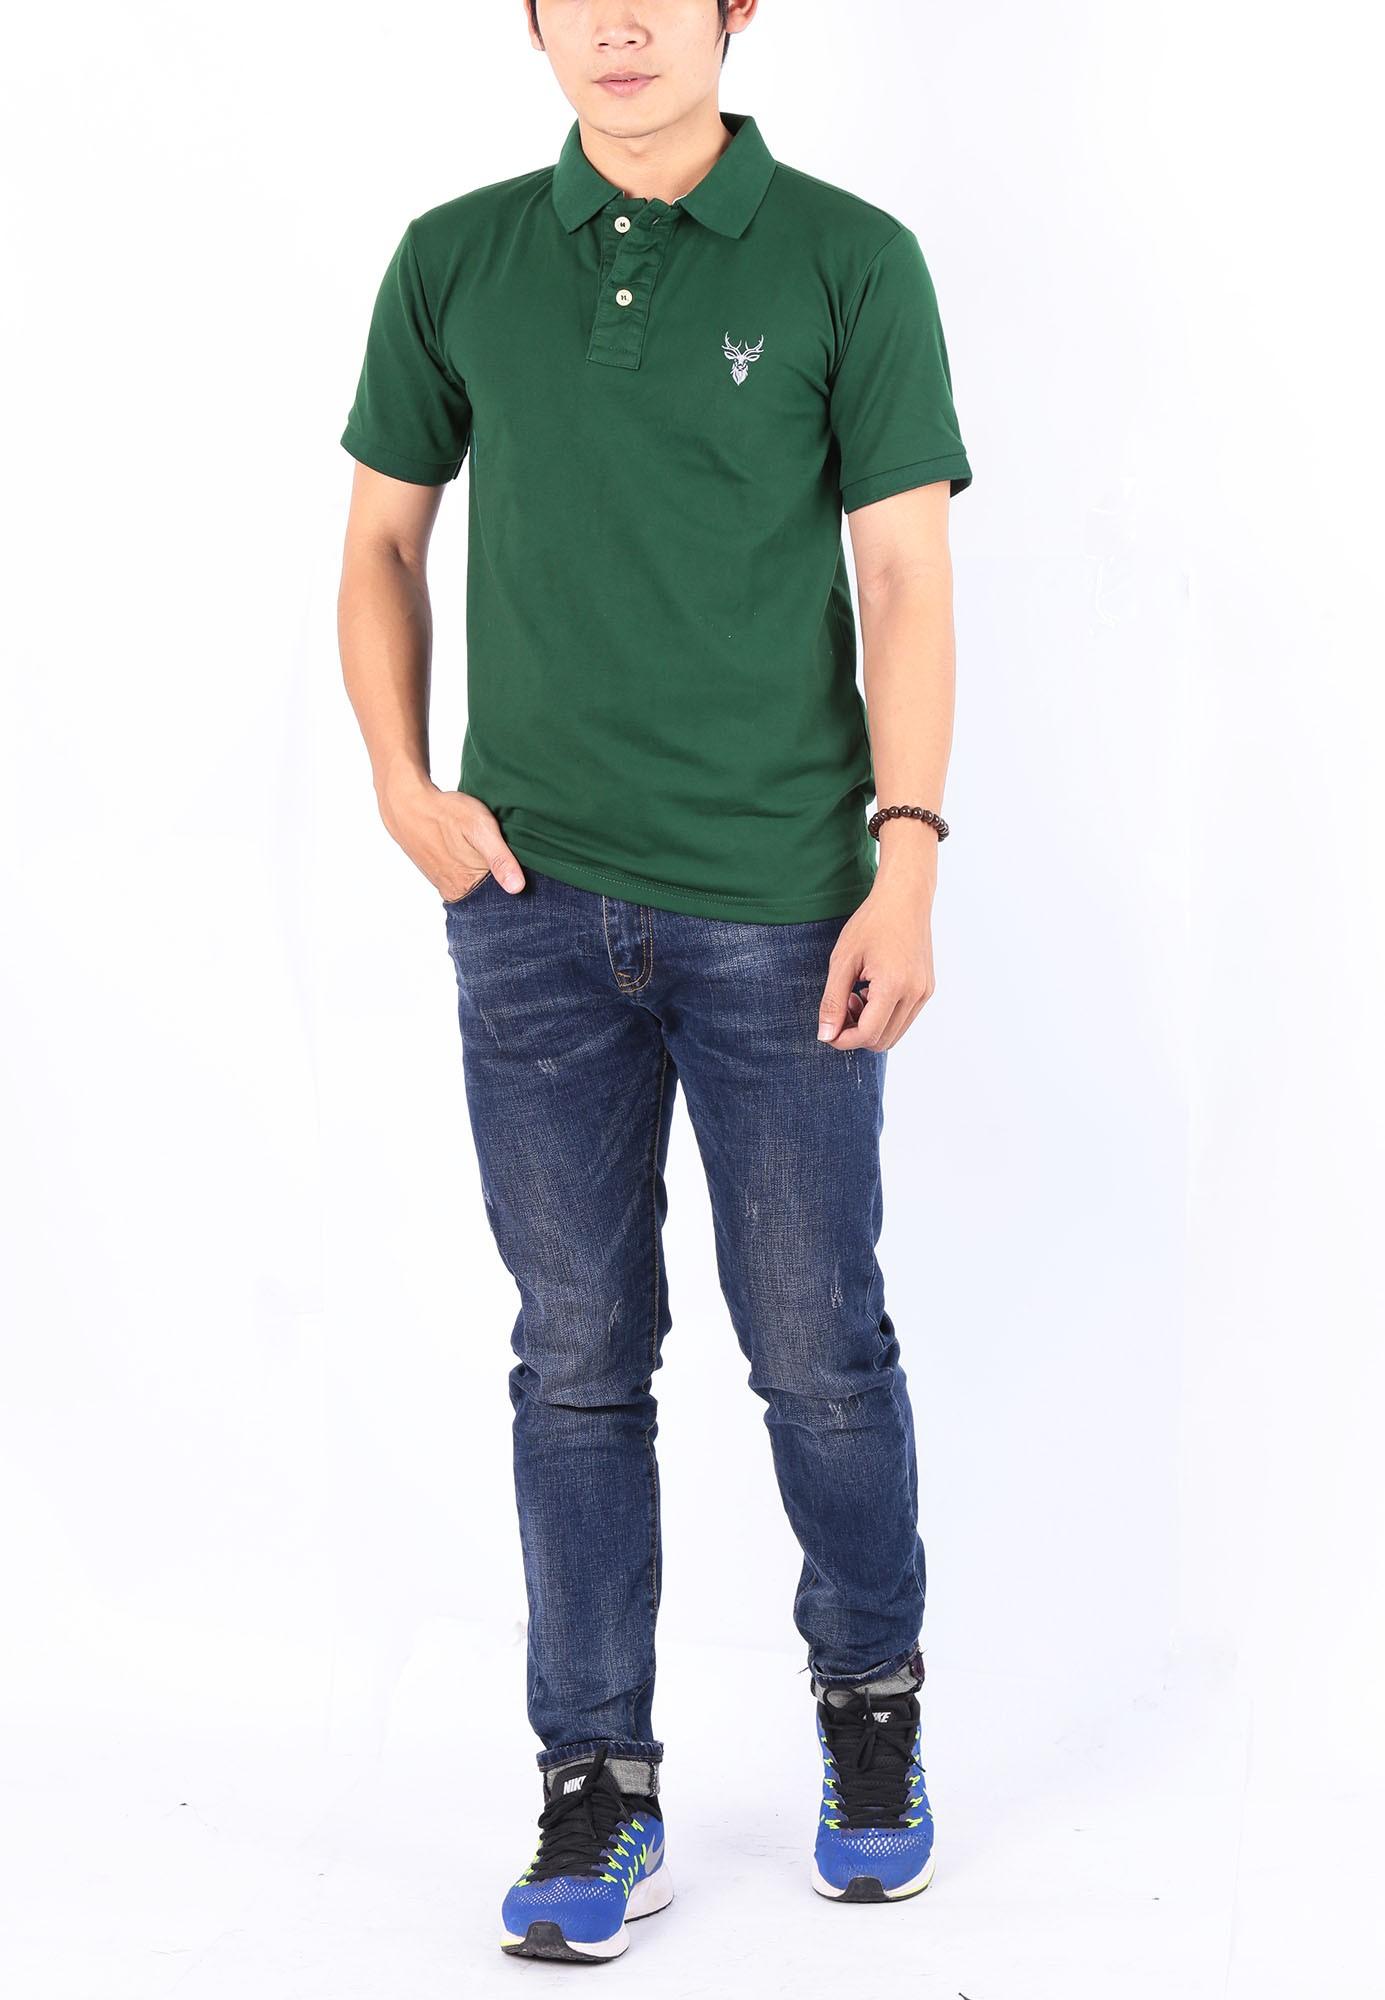 Áo thun nam cổ bẻ chuẩn phong cách Pigofashion PG01 - xanh rêu - P)1xanhreu